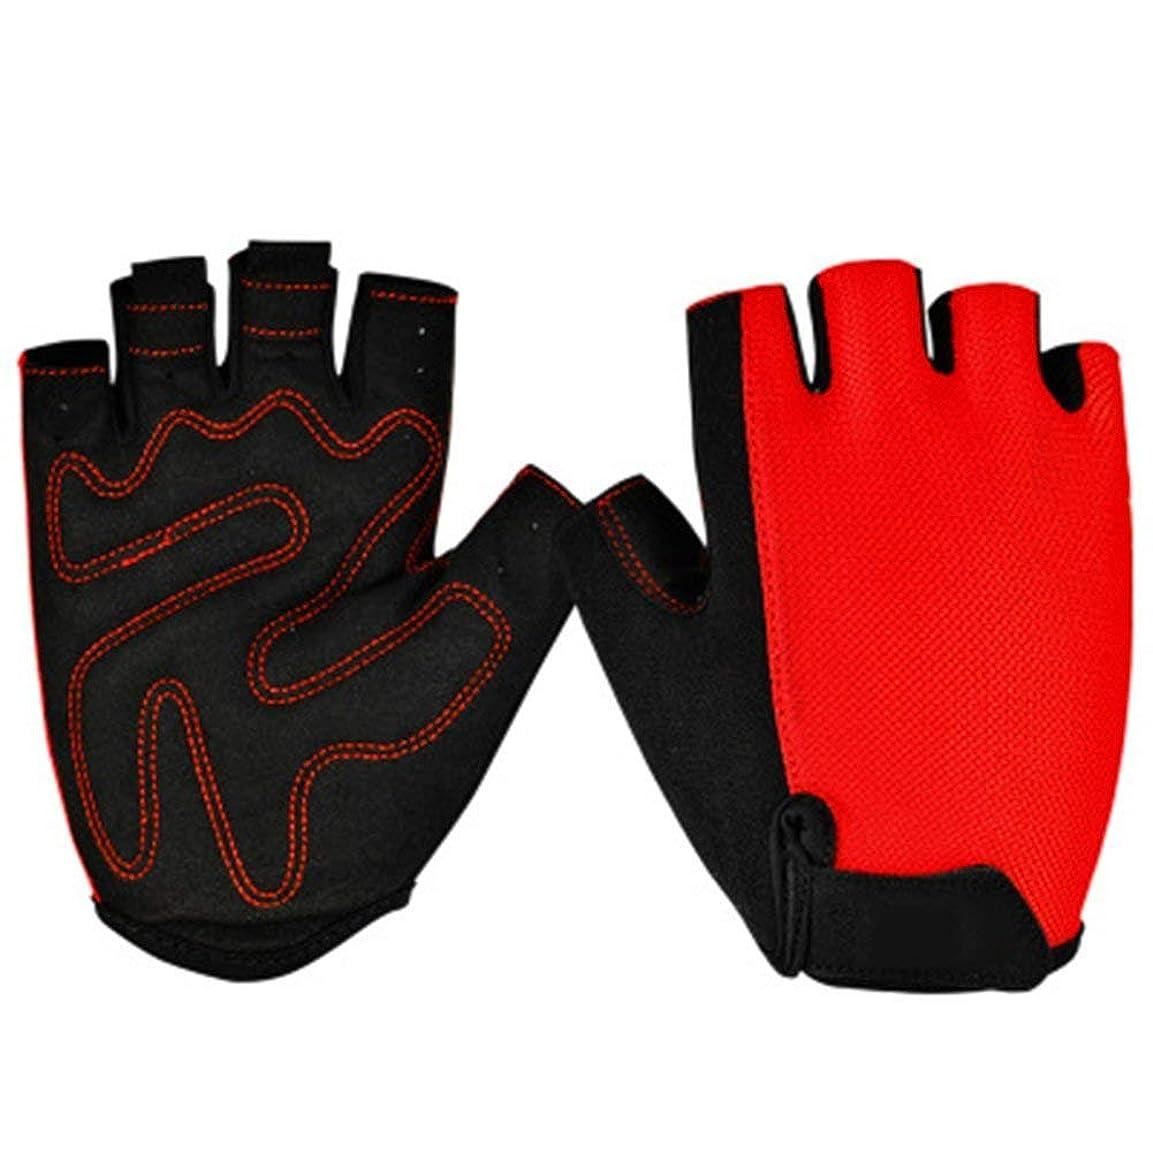 一般化するアイドルハリケーンBMY ジムウェイトリフティング手袋男性女性半指乗り手袋通気性ボディビル手首サポートトレーニングエクササイズエクステンションエクササイズ